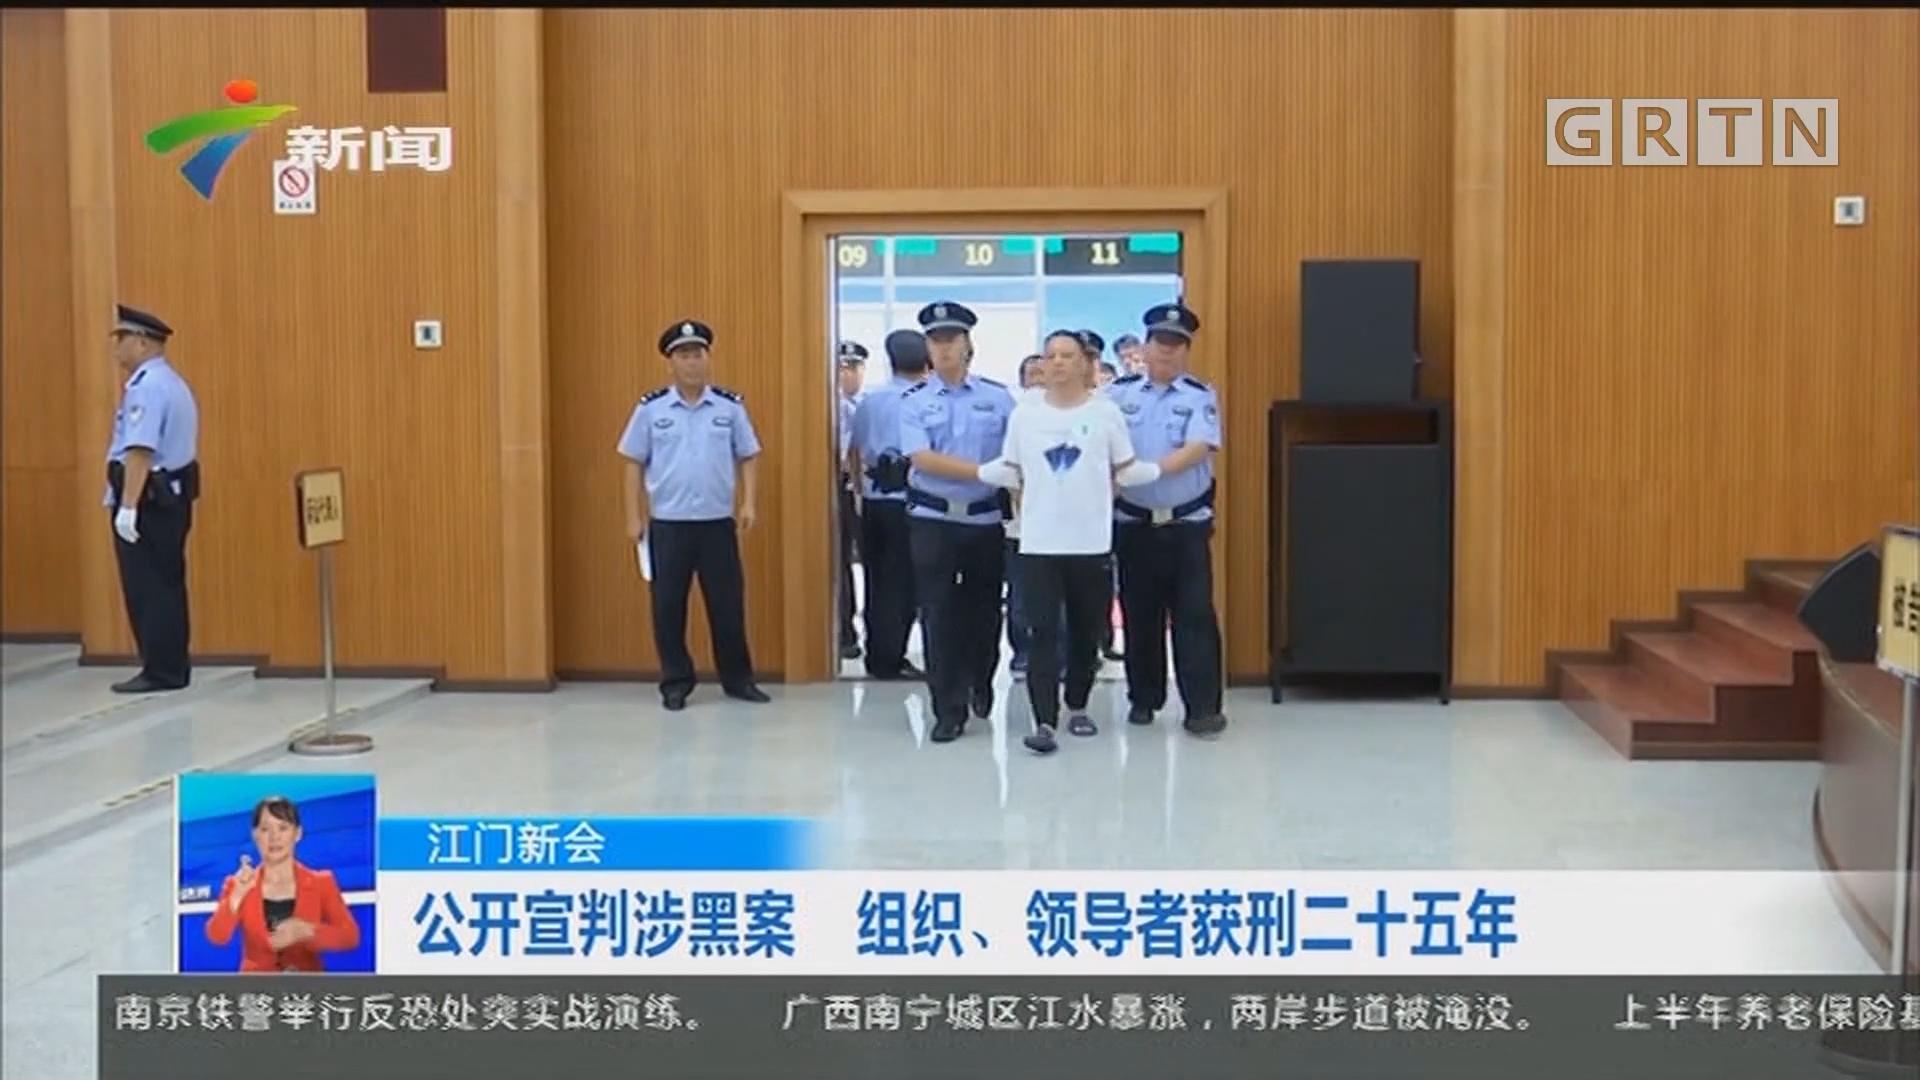 江门新会:公开宣判涉黑案 组织、领导者获刑二十五年